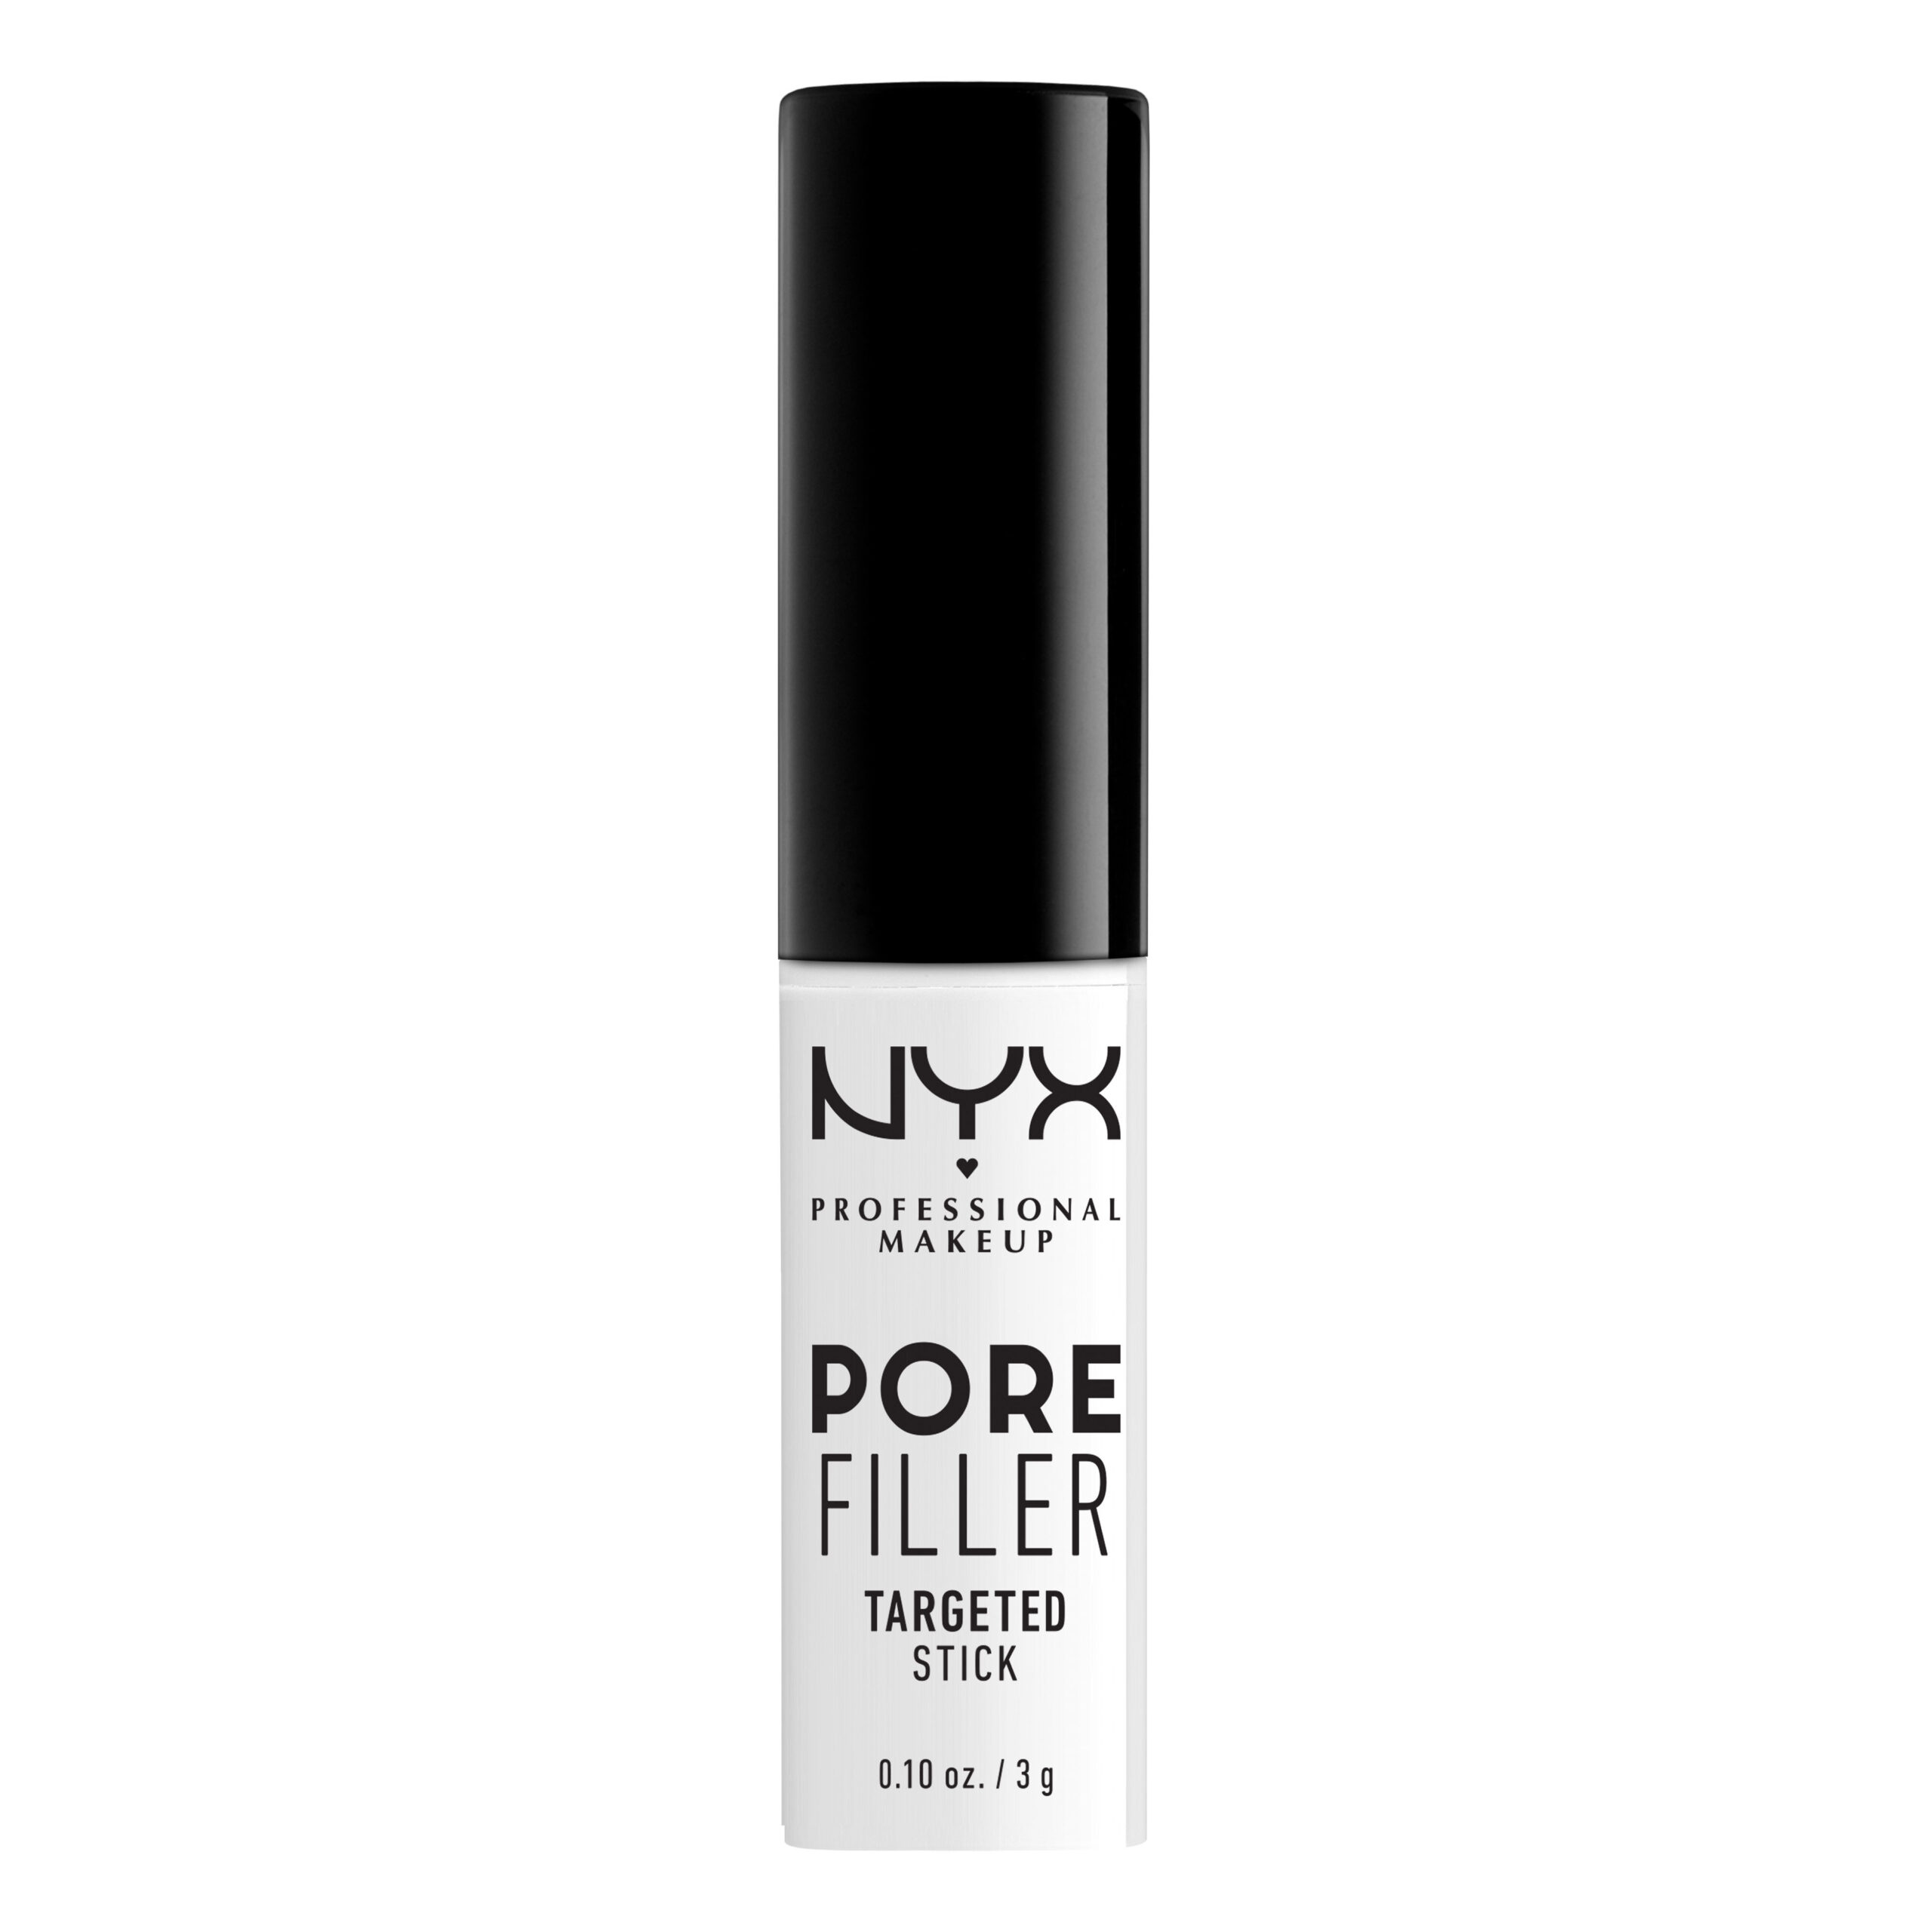 NYX Pore Filler Targeted Stick Primer